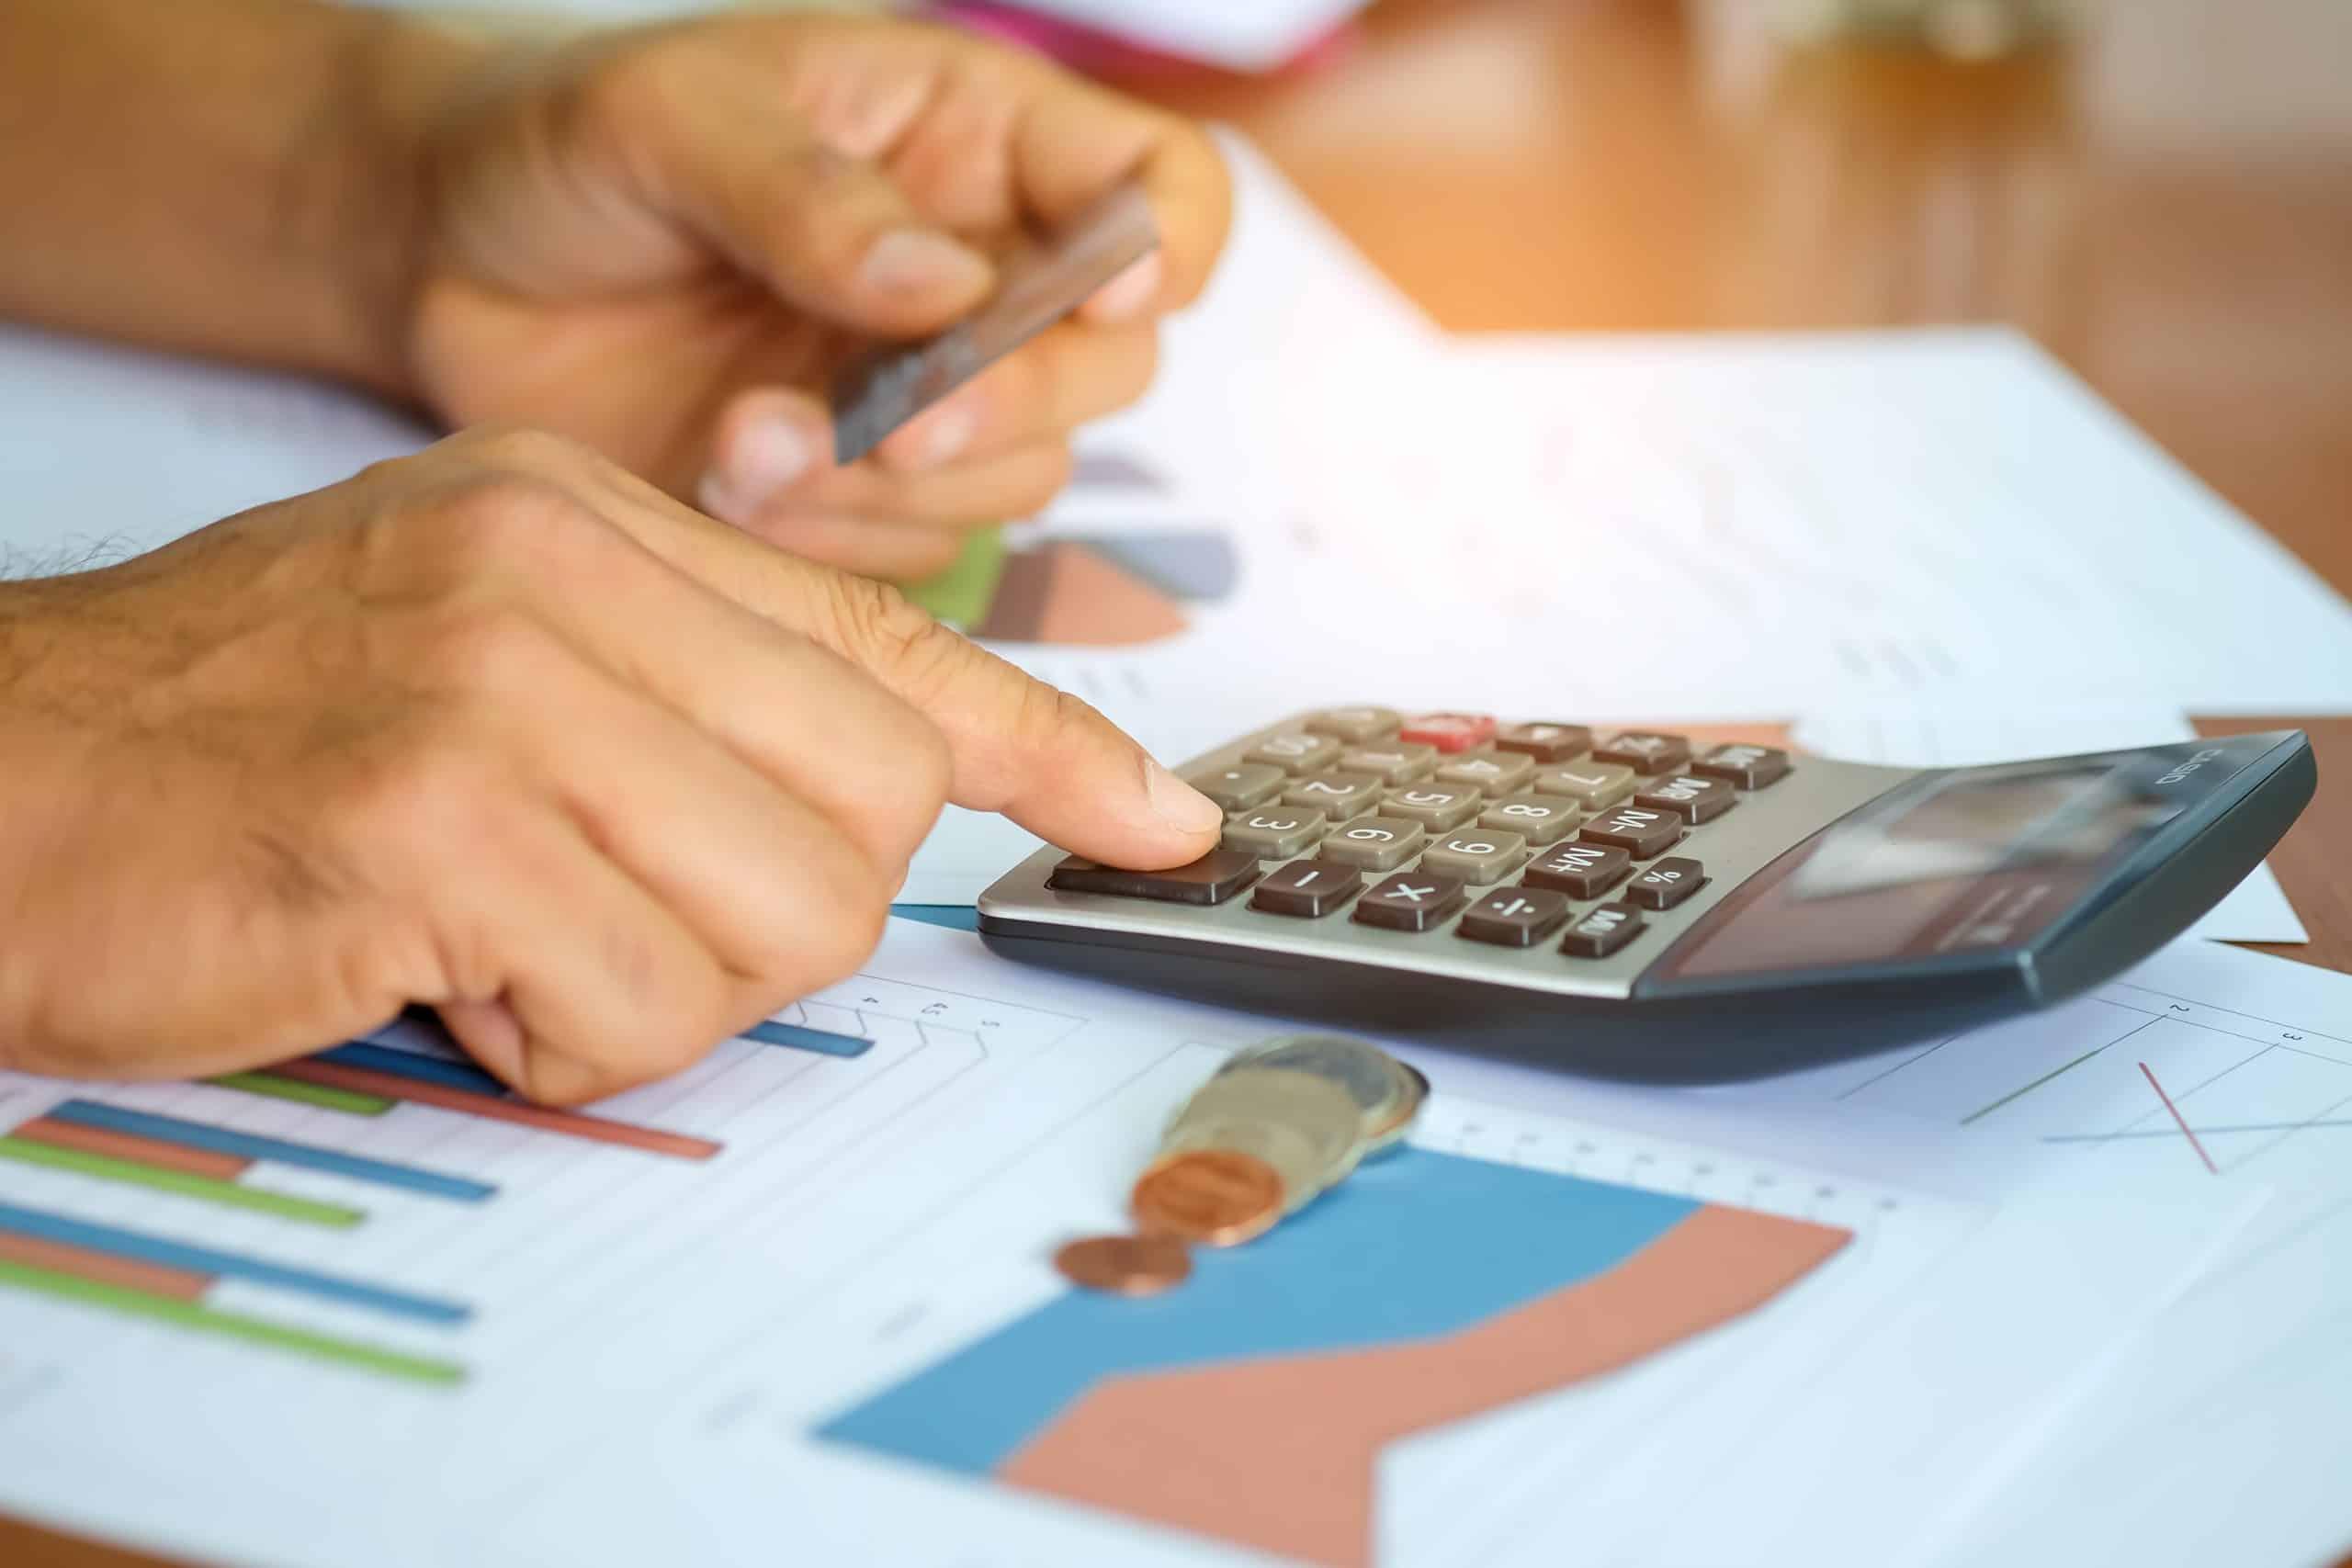 5 สิ่งที่ SME ควรรู้ก่อนจะตั้งราคาขายปลีกสินค้า